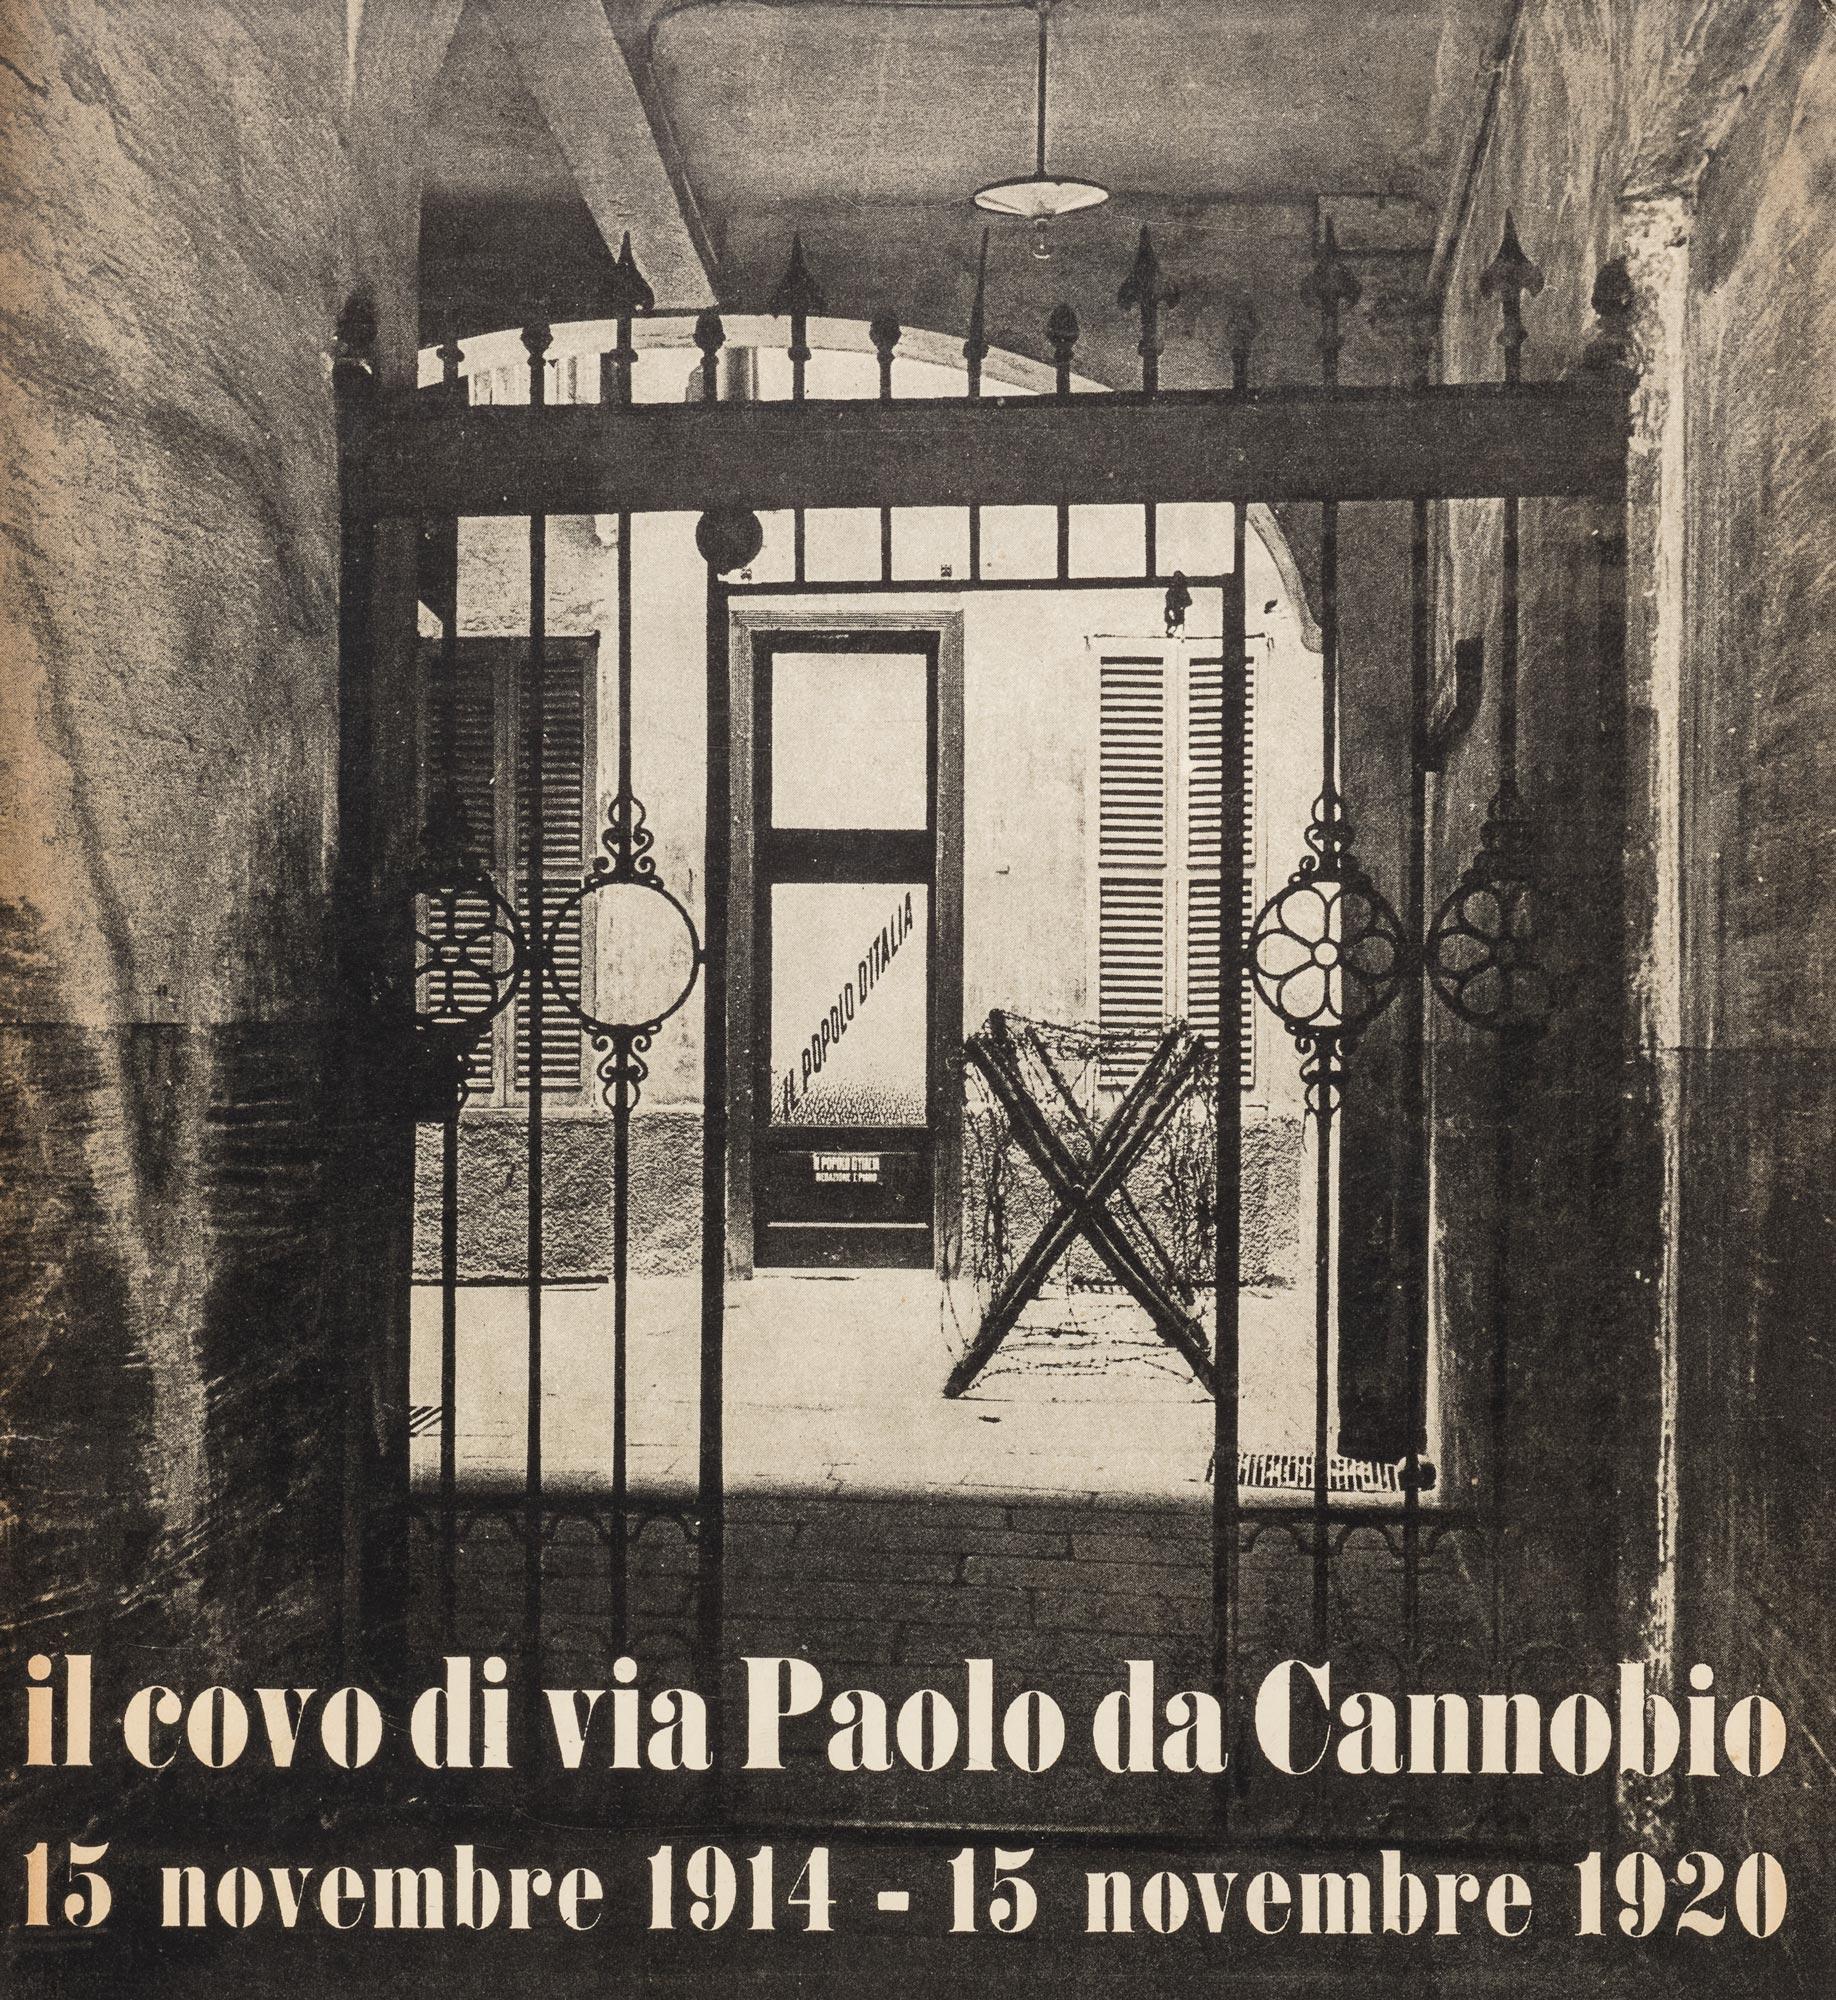 il covo di via Paolo da Cannobio